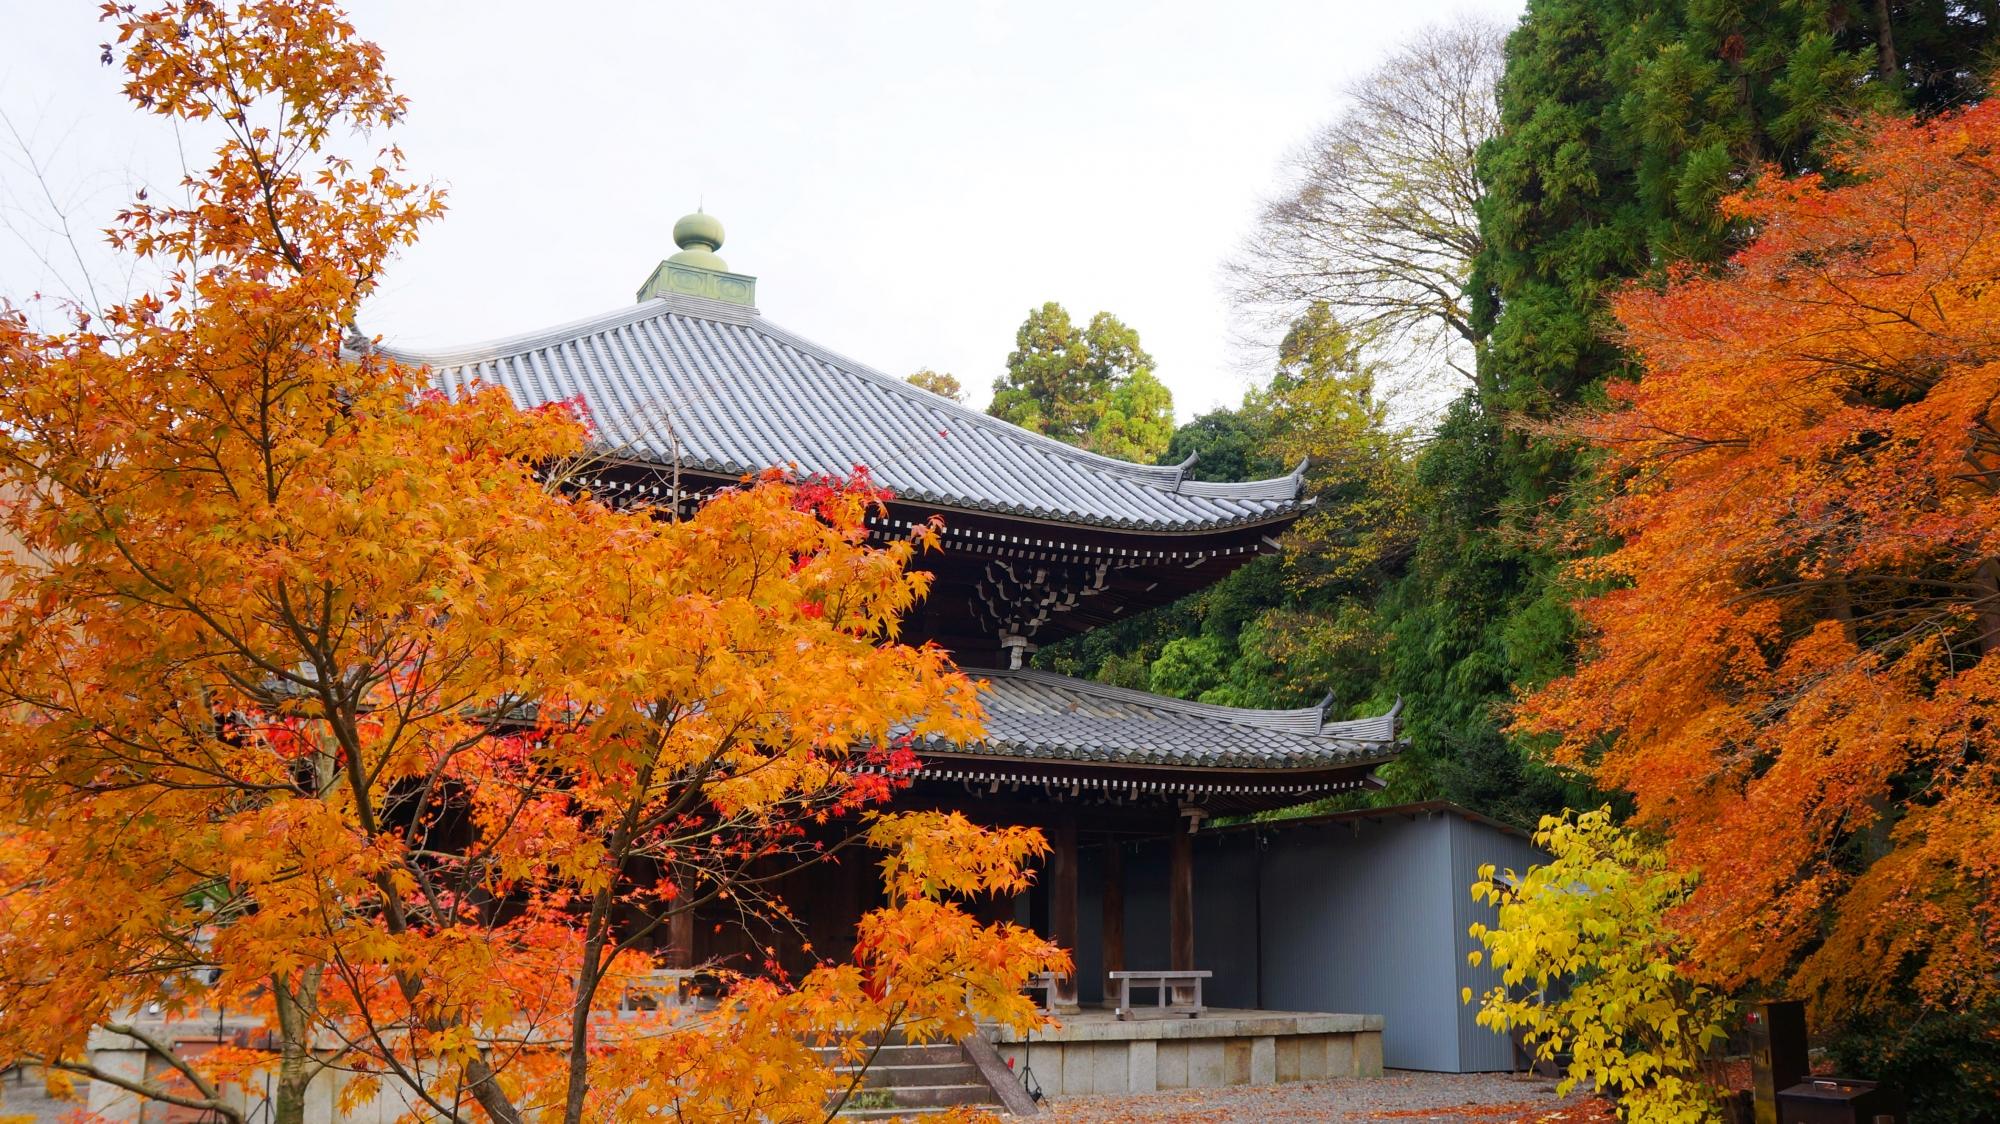 知恩院の経蔵と伽藍を染める優雅な紅葉